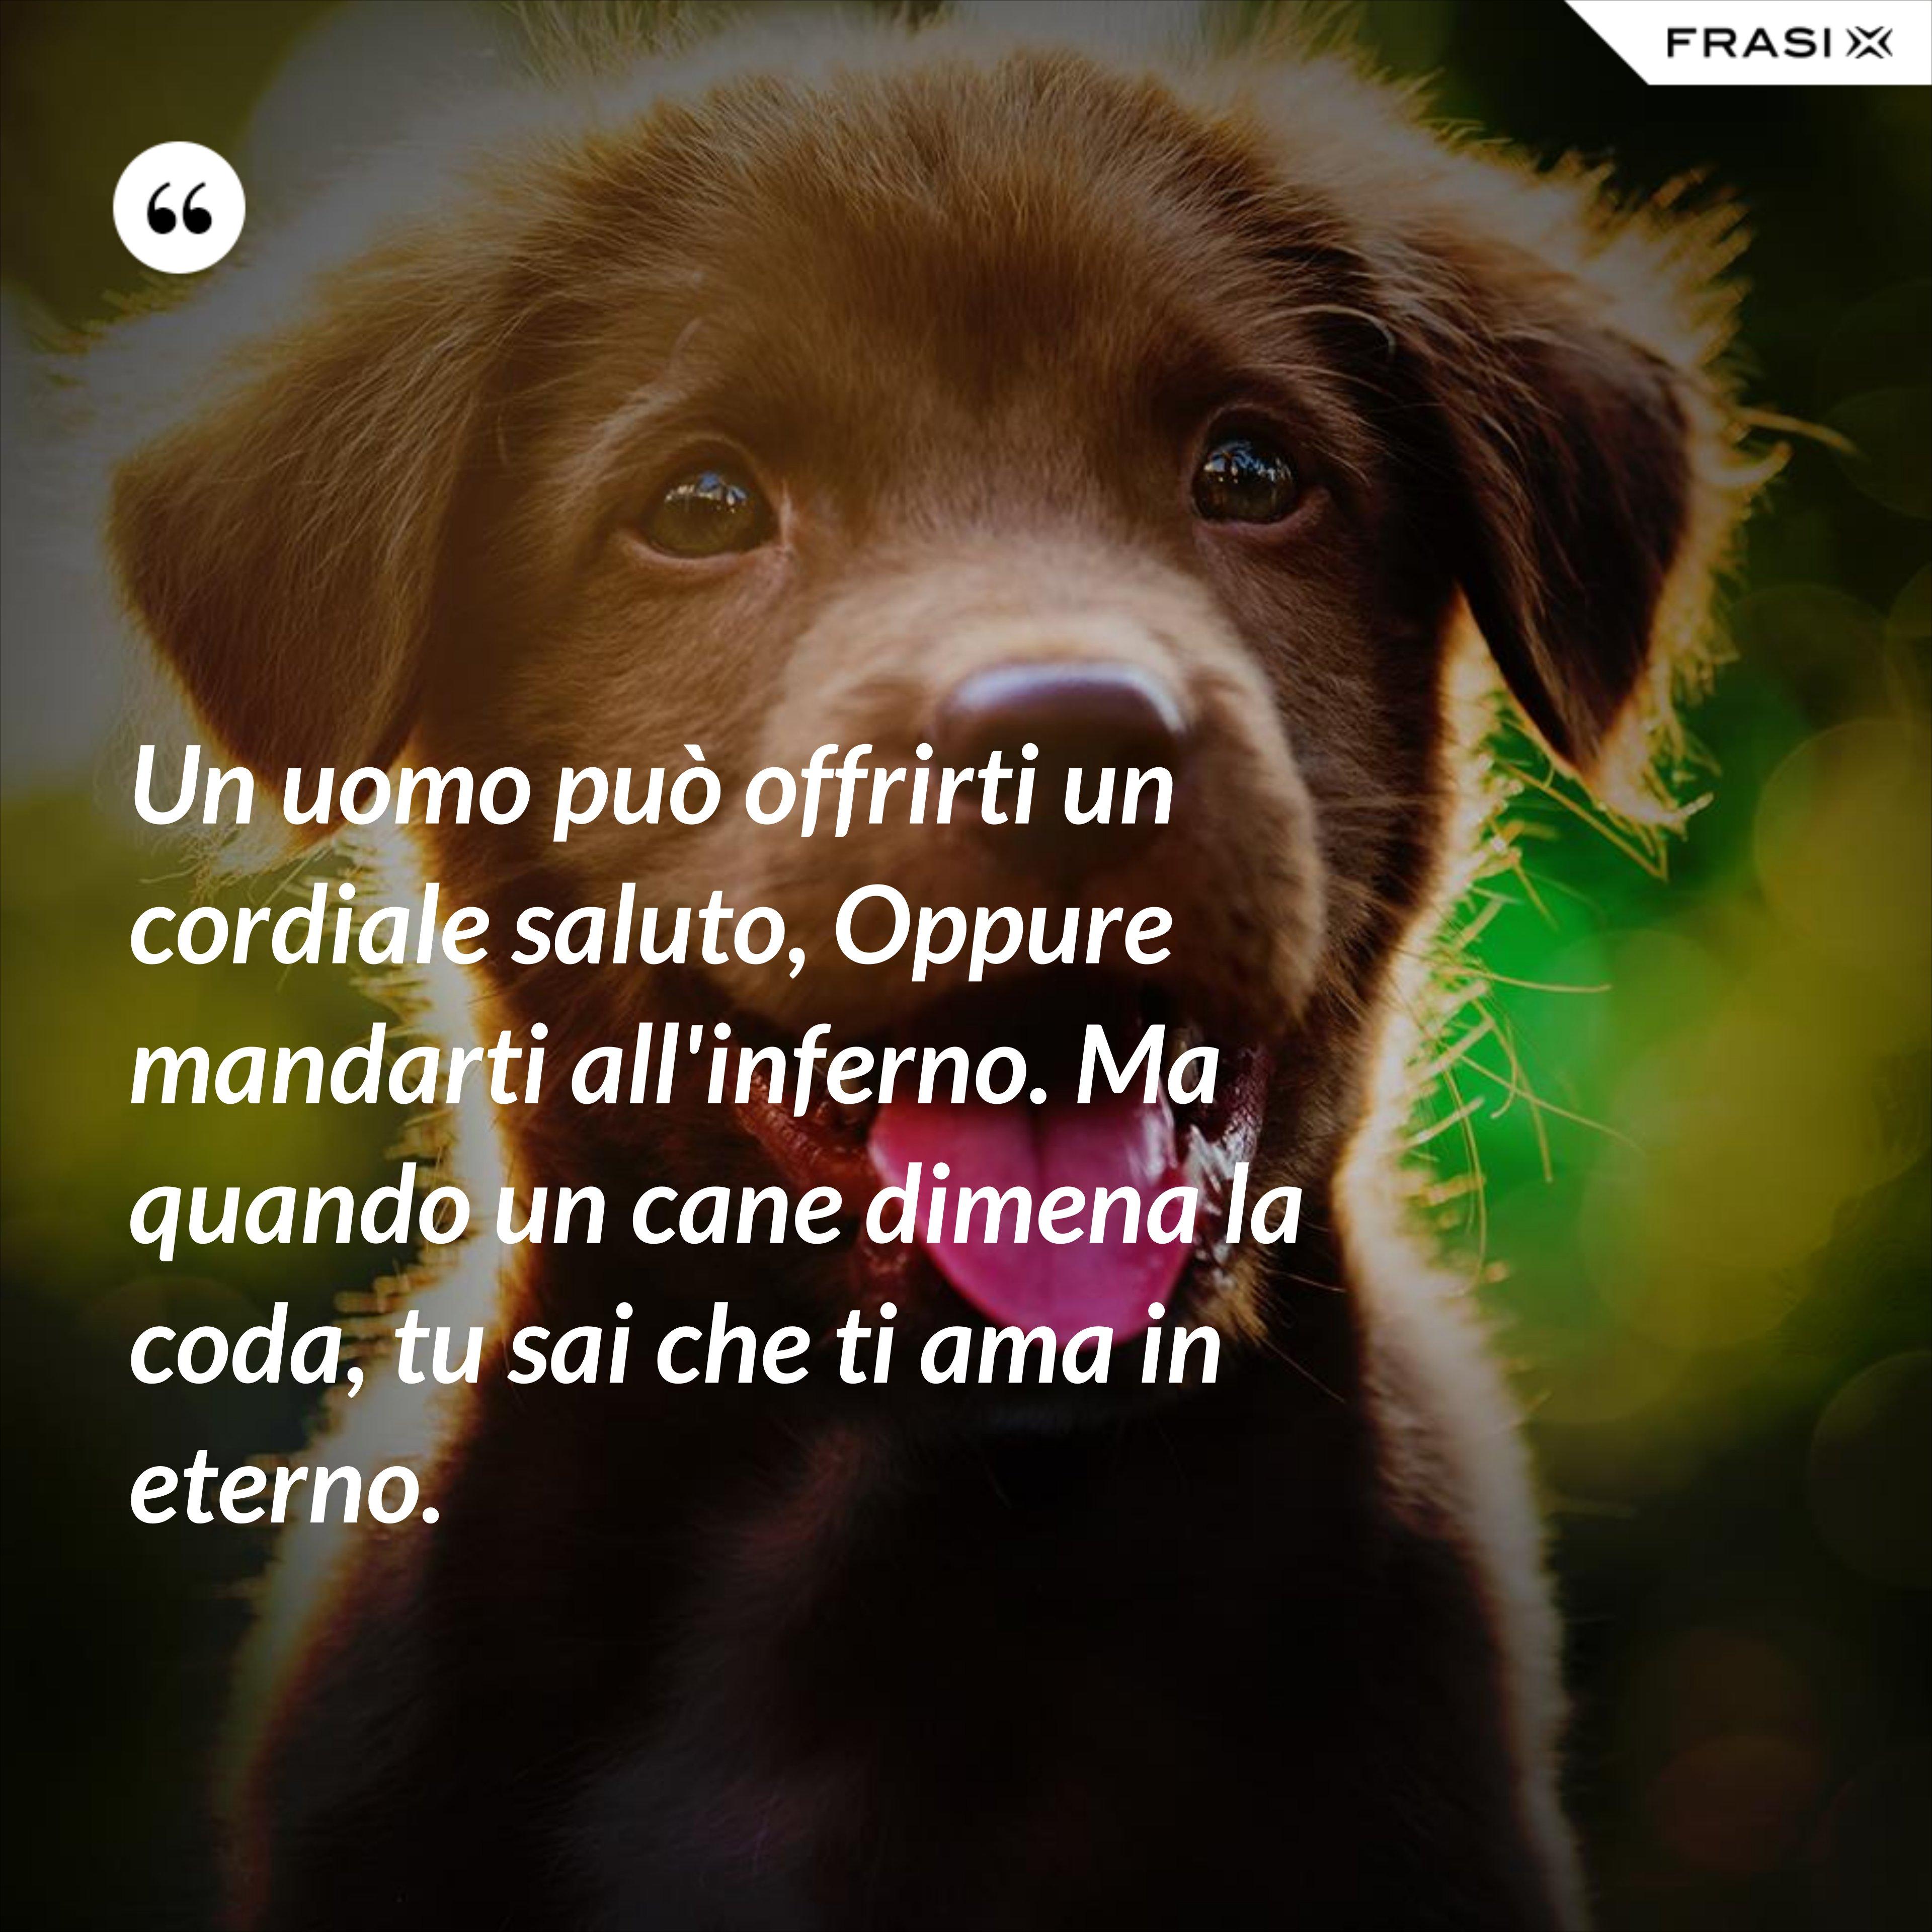 Un uomo può offrirti un cordiale saluto, Oppure mandarti all'inferno. Ma quando un cane dimena la coda, tu sai che ti ama in eterno. - Anonimo